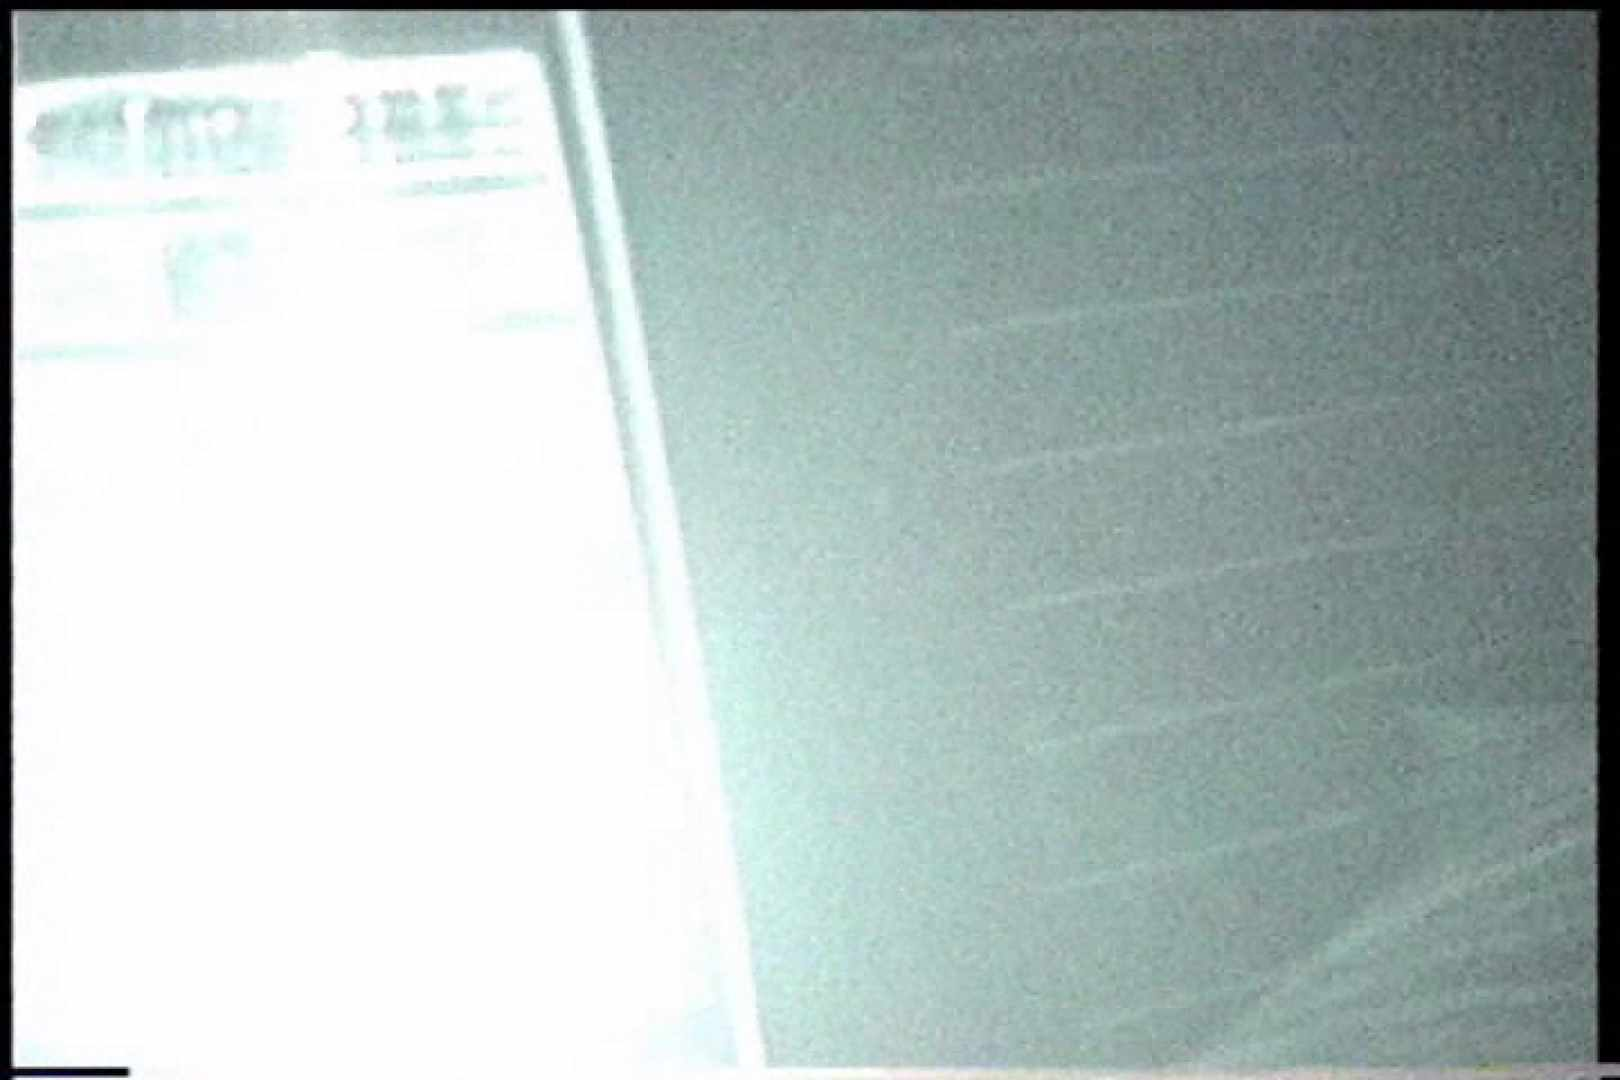 充血監督の深夜の運動会Vol.184 前編 エロティックなOL オマンコ動画キャプチャ 59画像 8